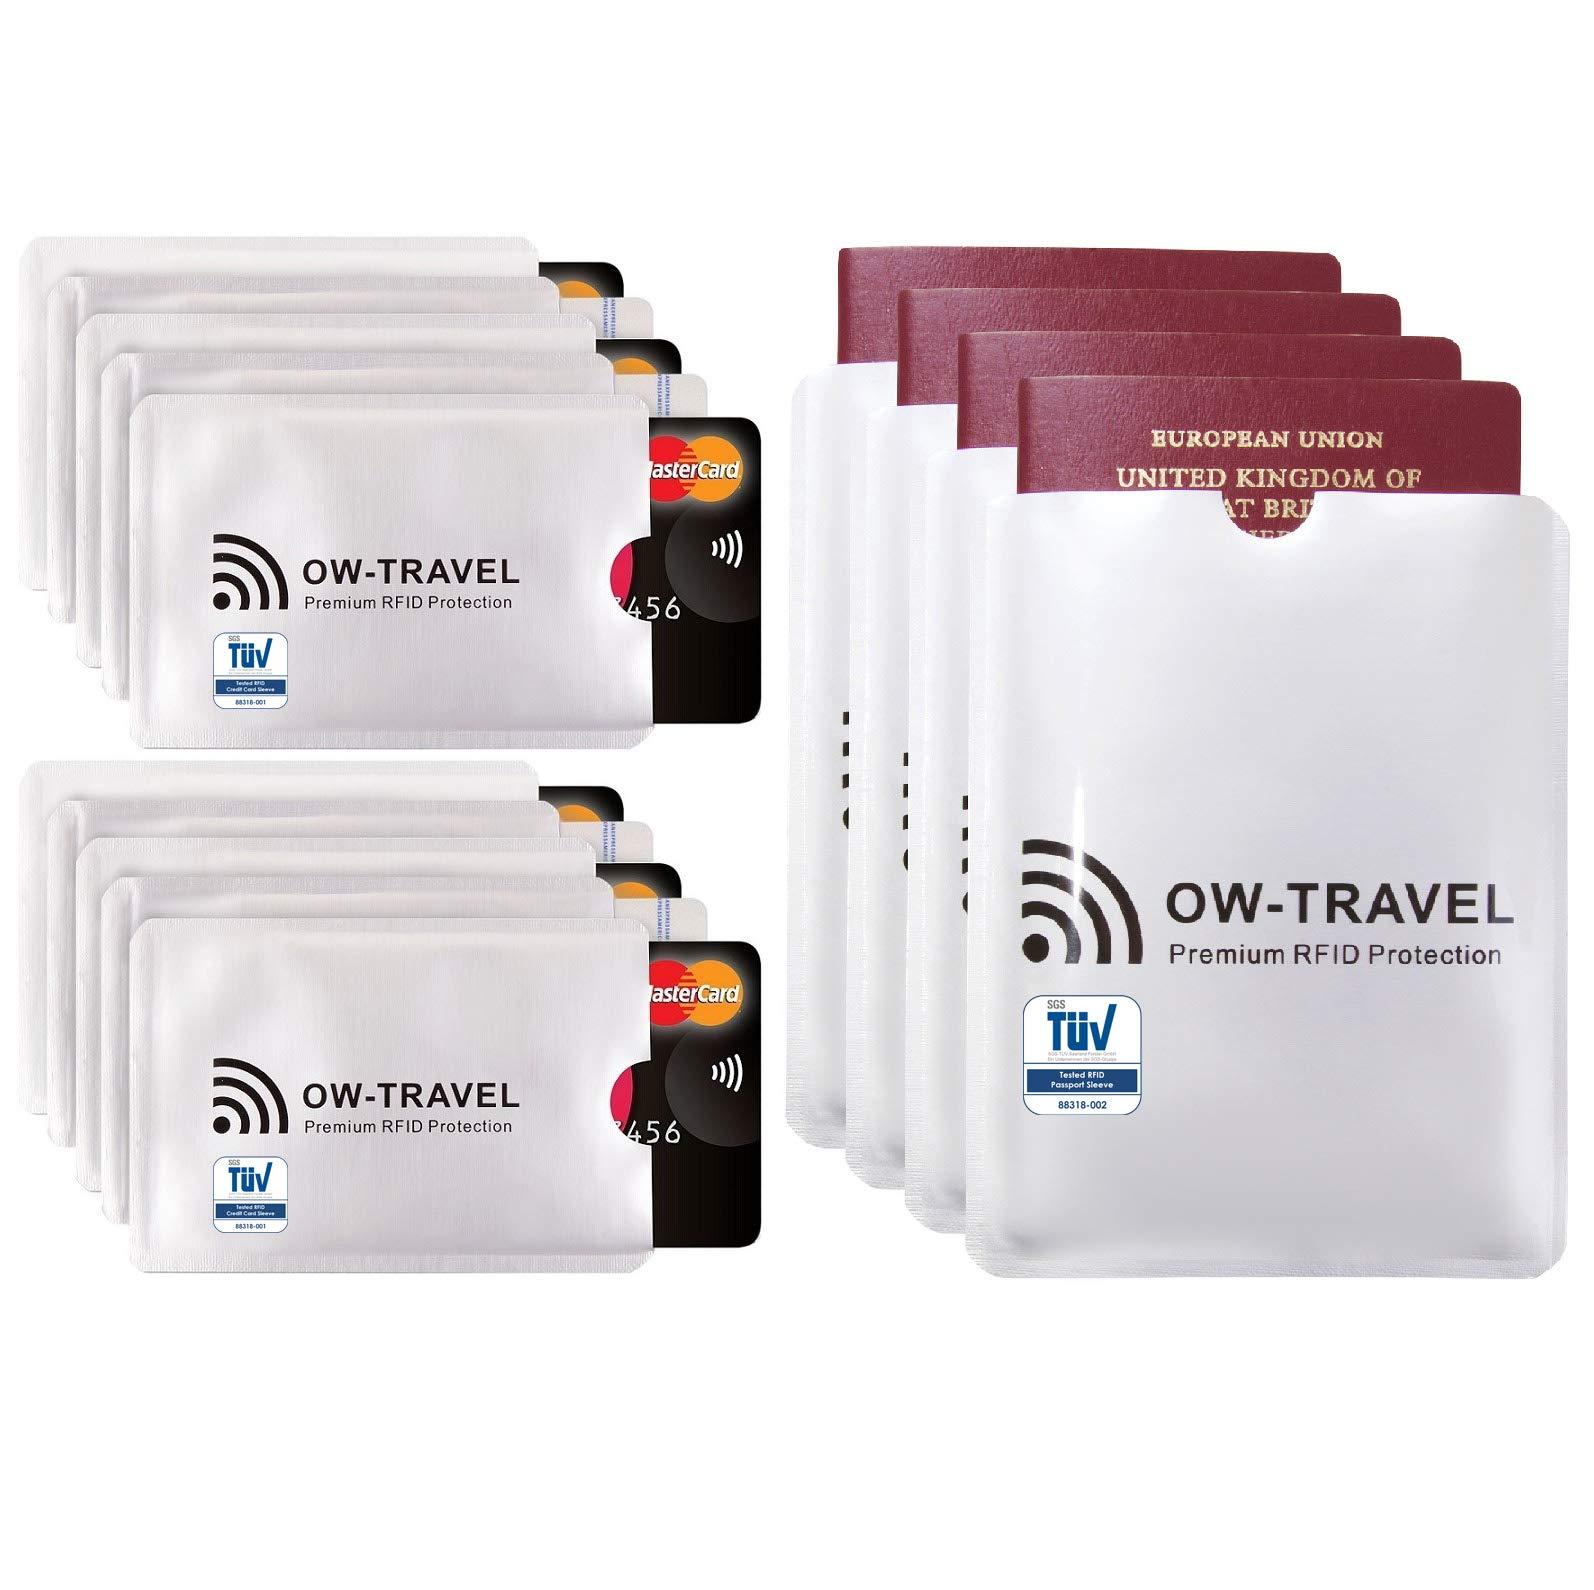 ... Identificaciones - · ✅ Bloqueo RFID - ANTI FRAUDE - Protectores para Tarjetas de Crédito Débito Sanitaria Identificaciones - Protector Pasaporte ...